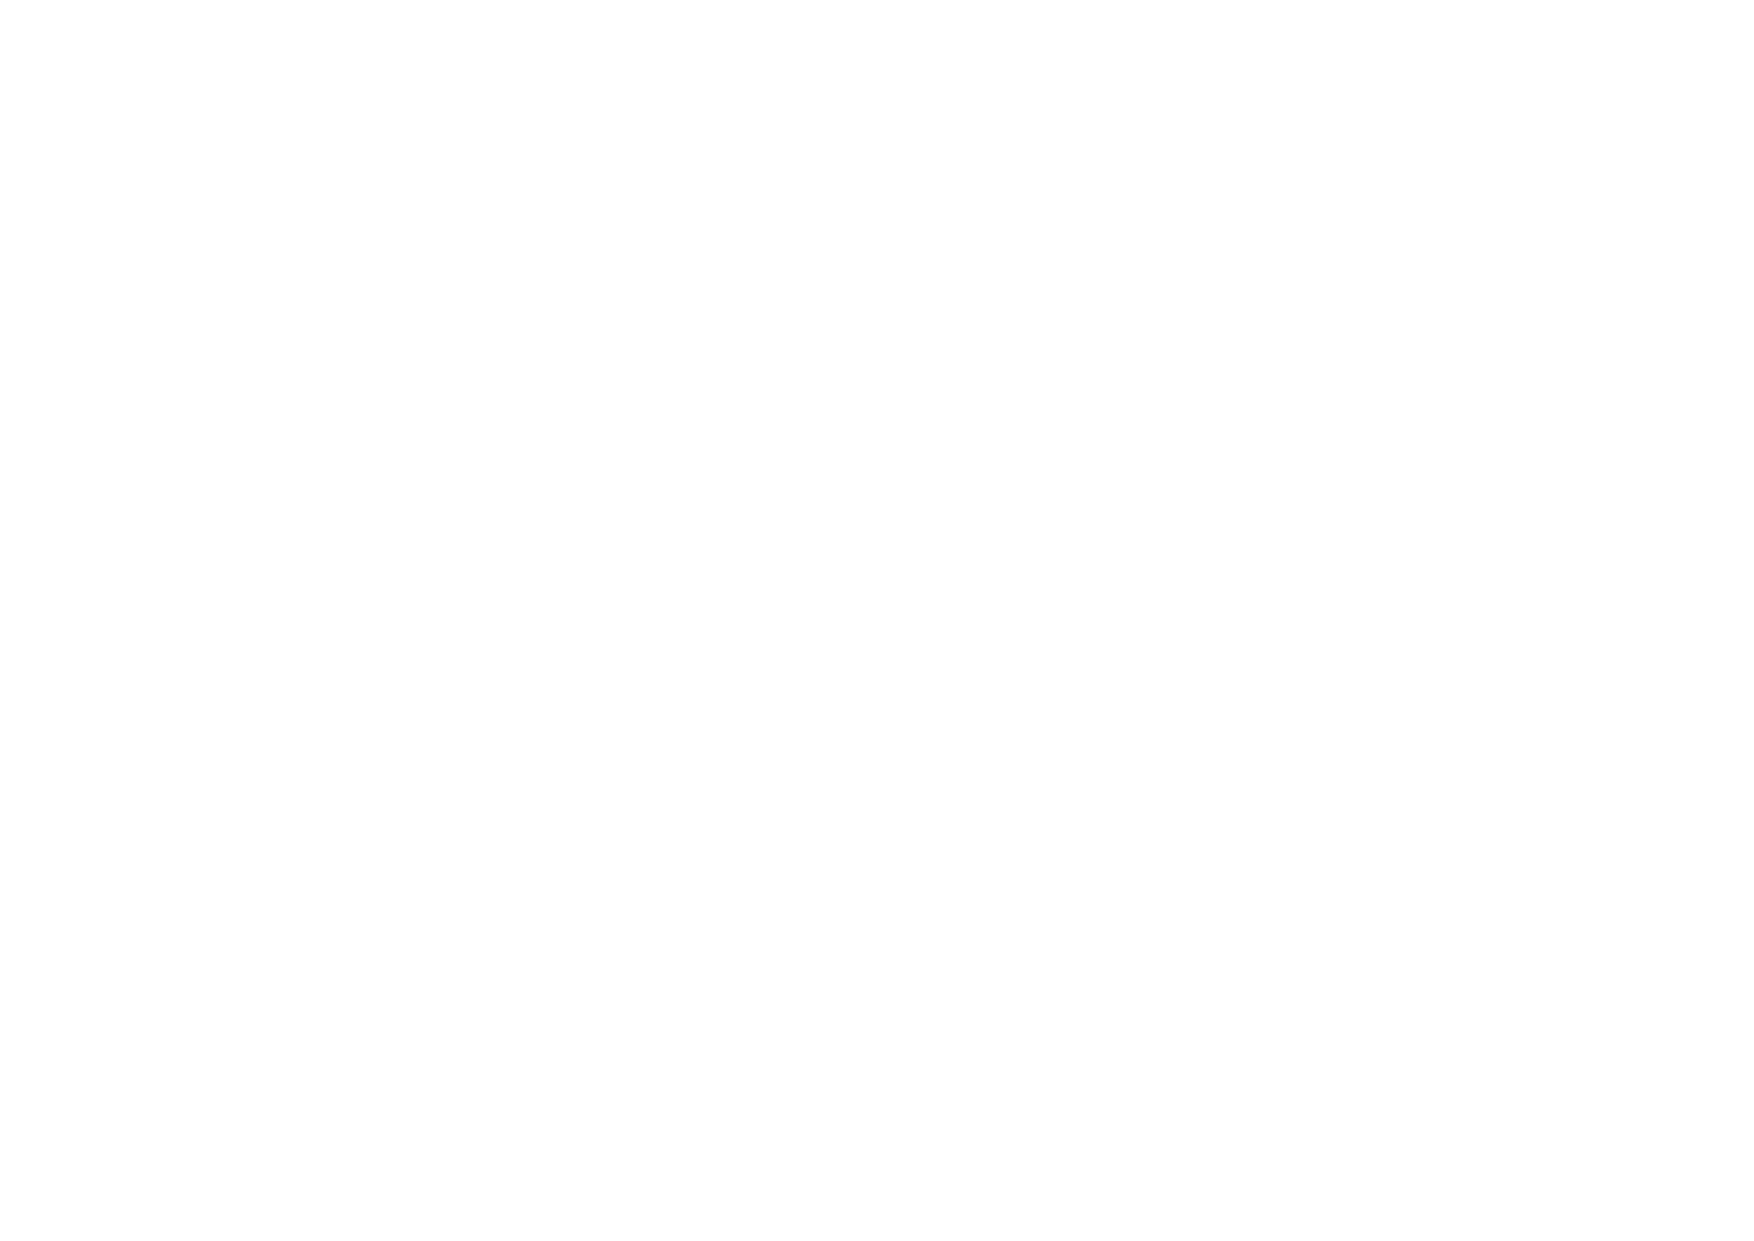 ClientsFirst_logo_white-01